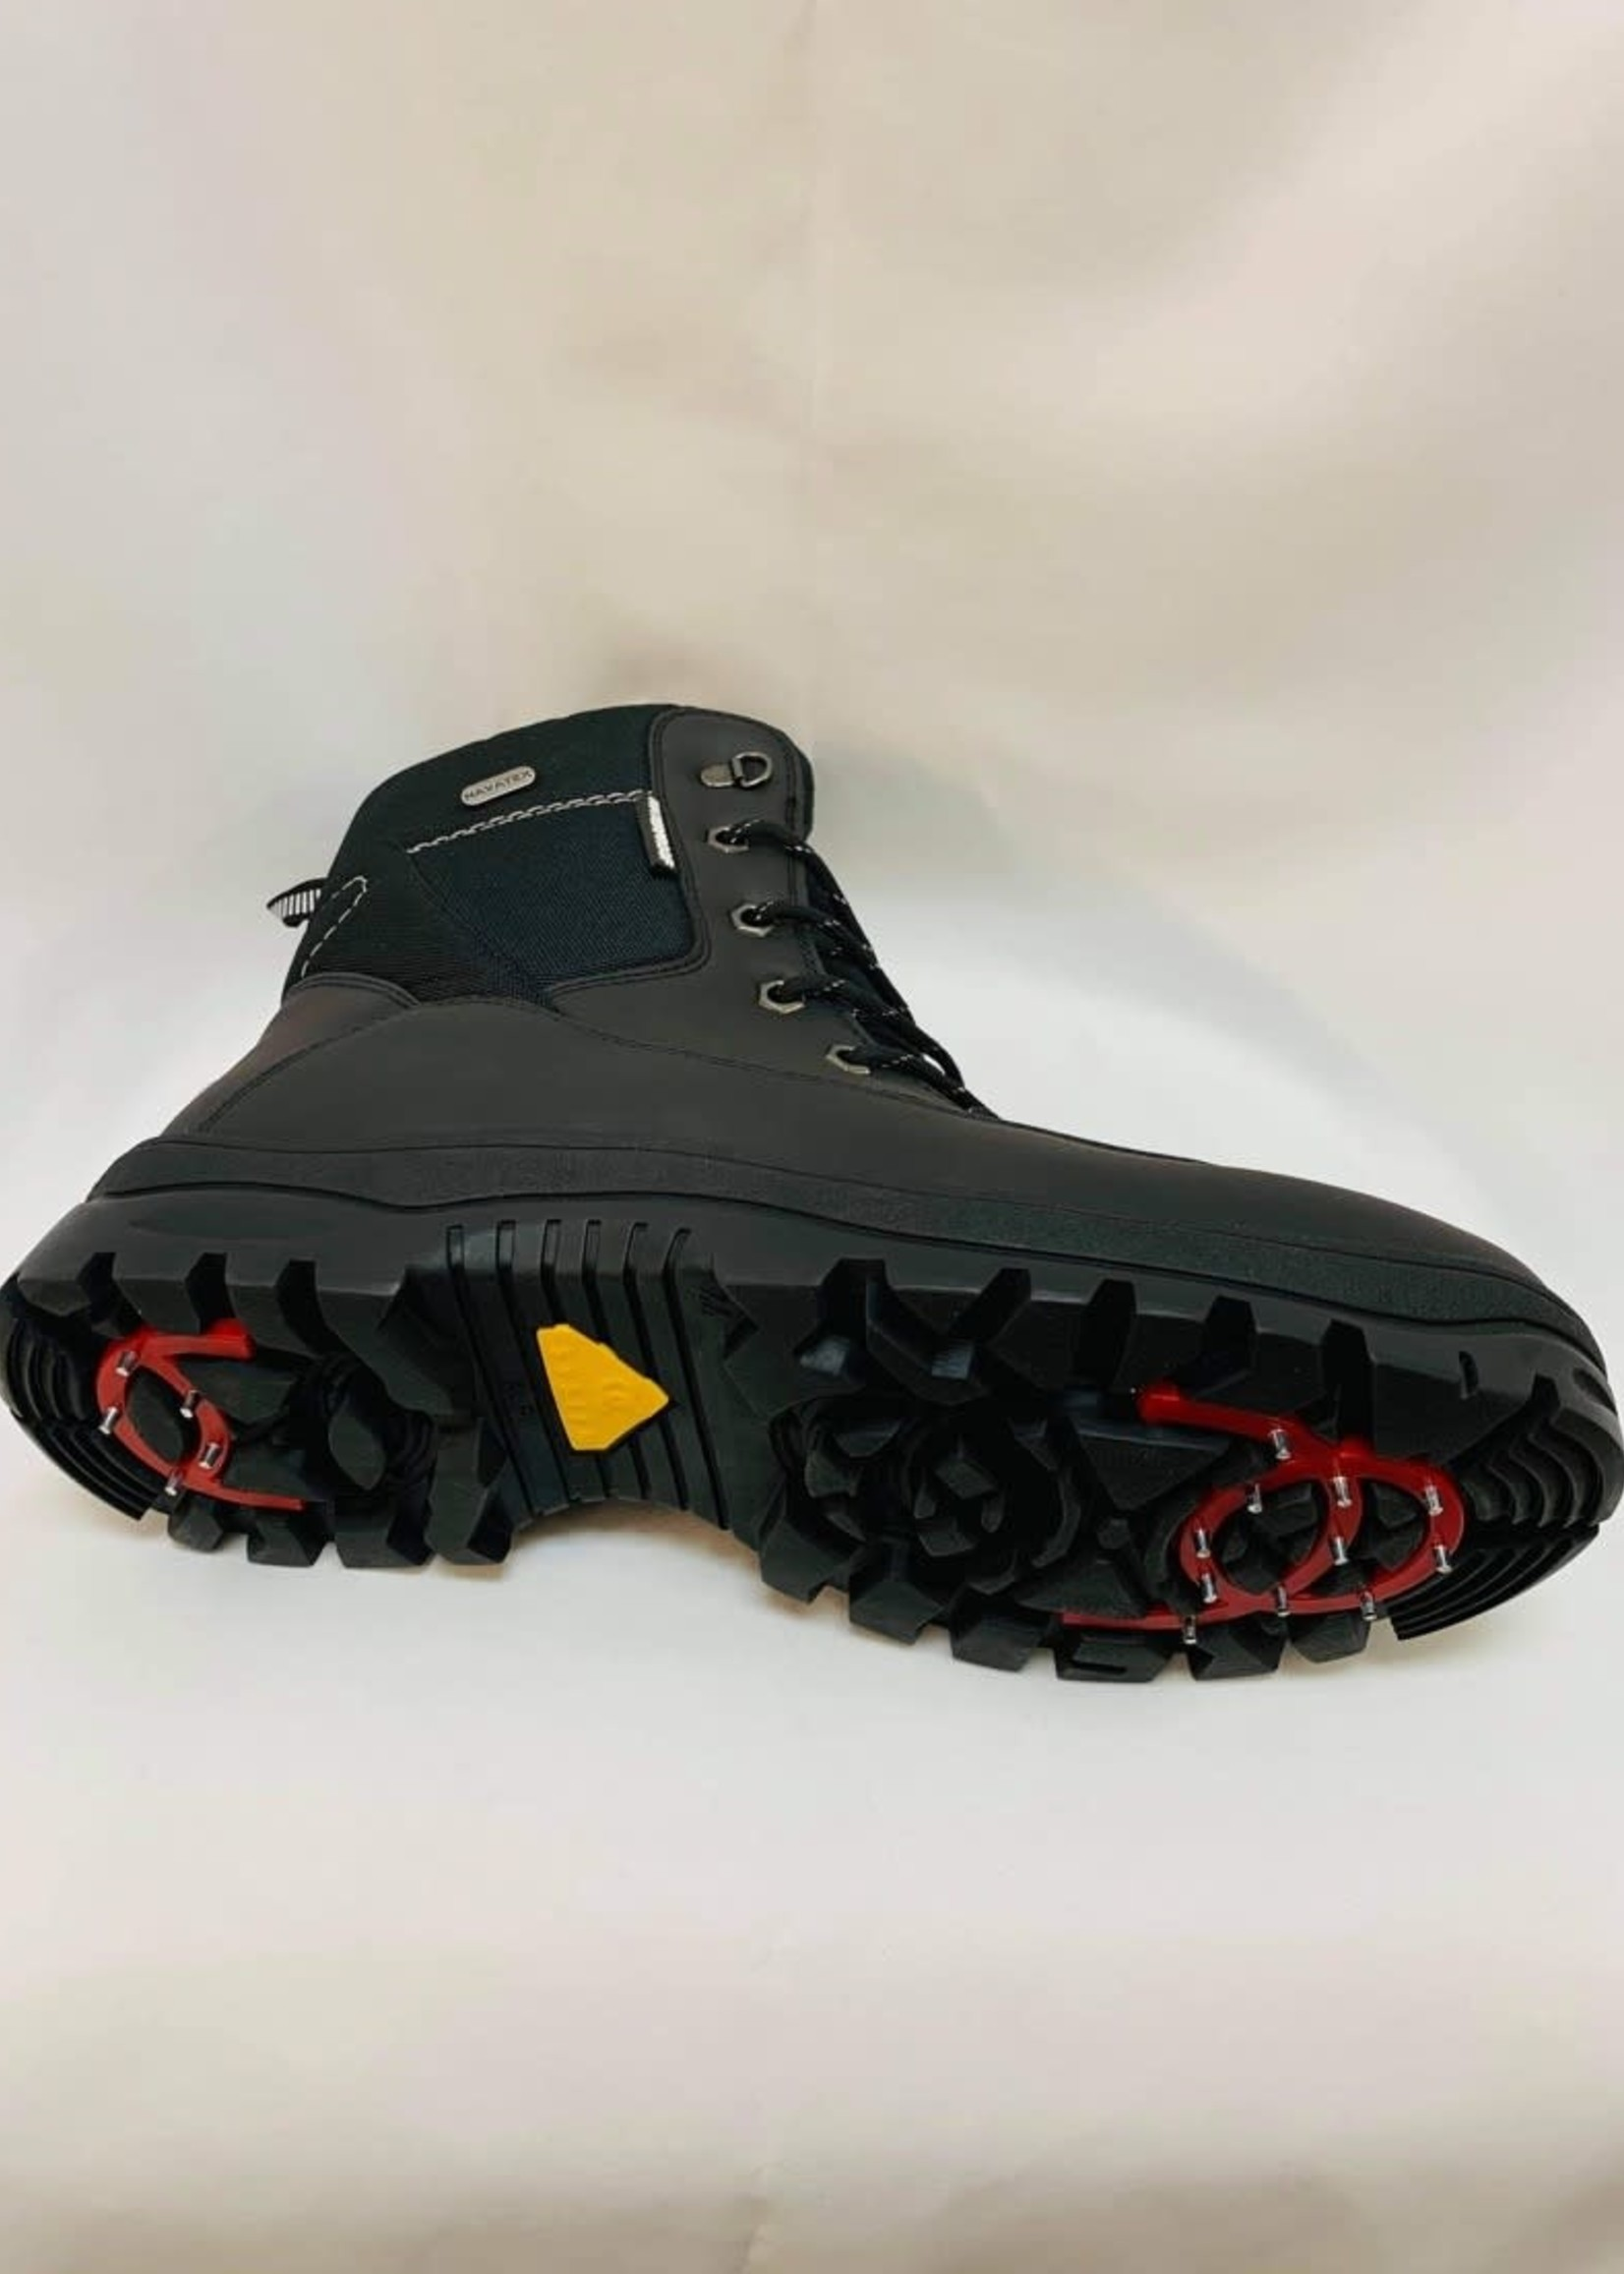 Navatex Mens Boots